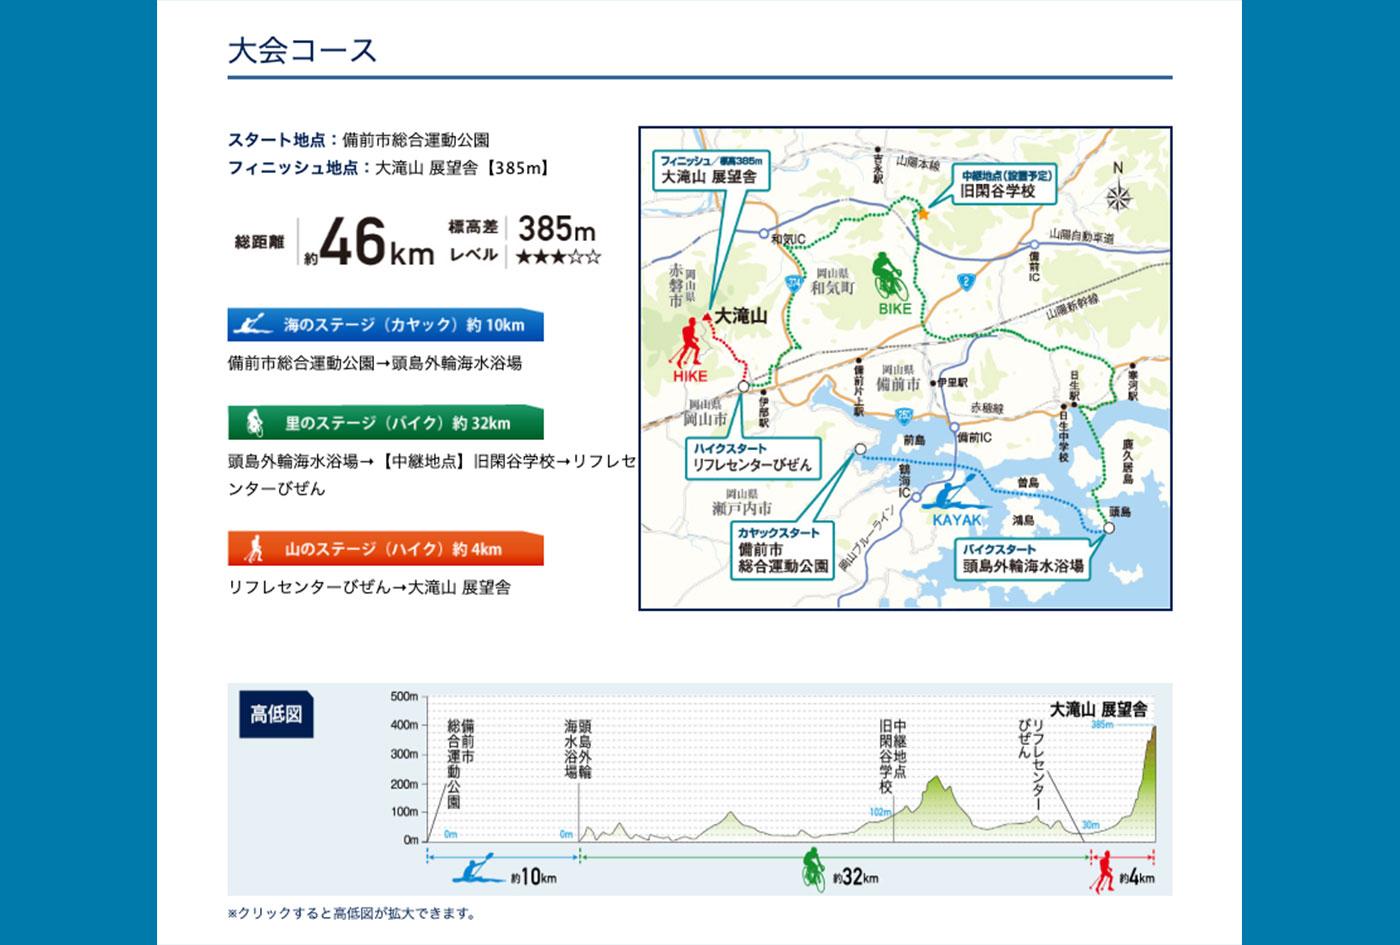 岡山 備前 SEA TO SUMMIT | 岡山県